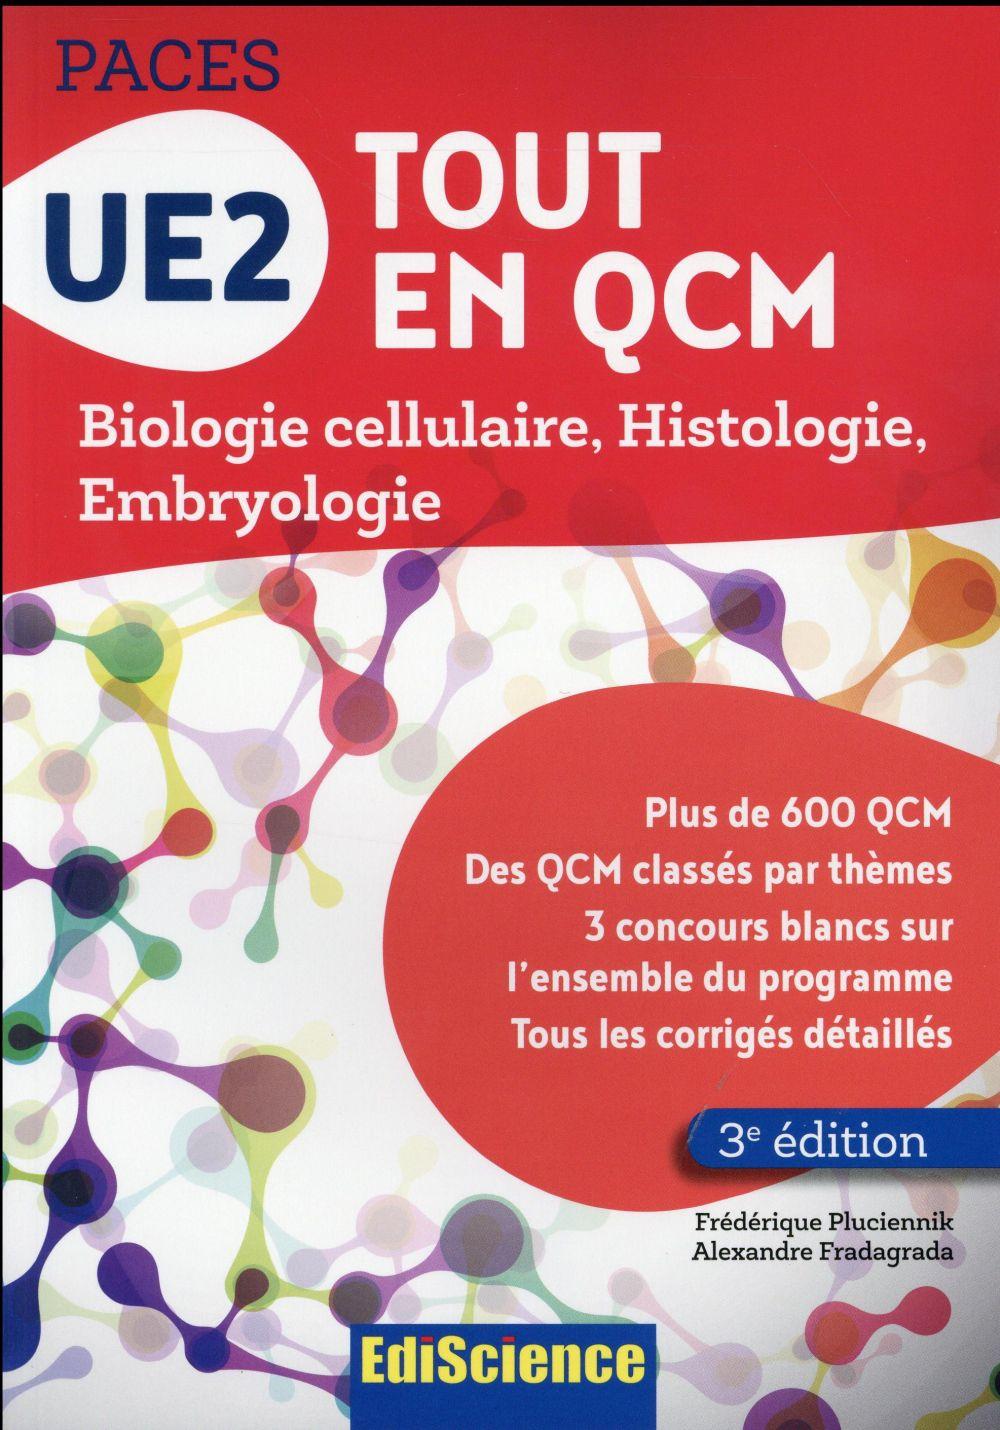 UE2 tout en QCM ; biologie cellulaire, histologie, embryologie (3e édition)